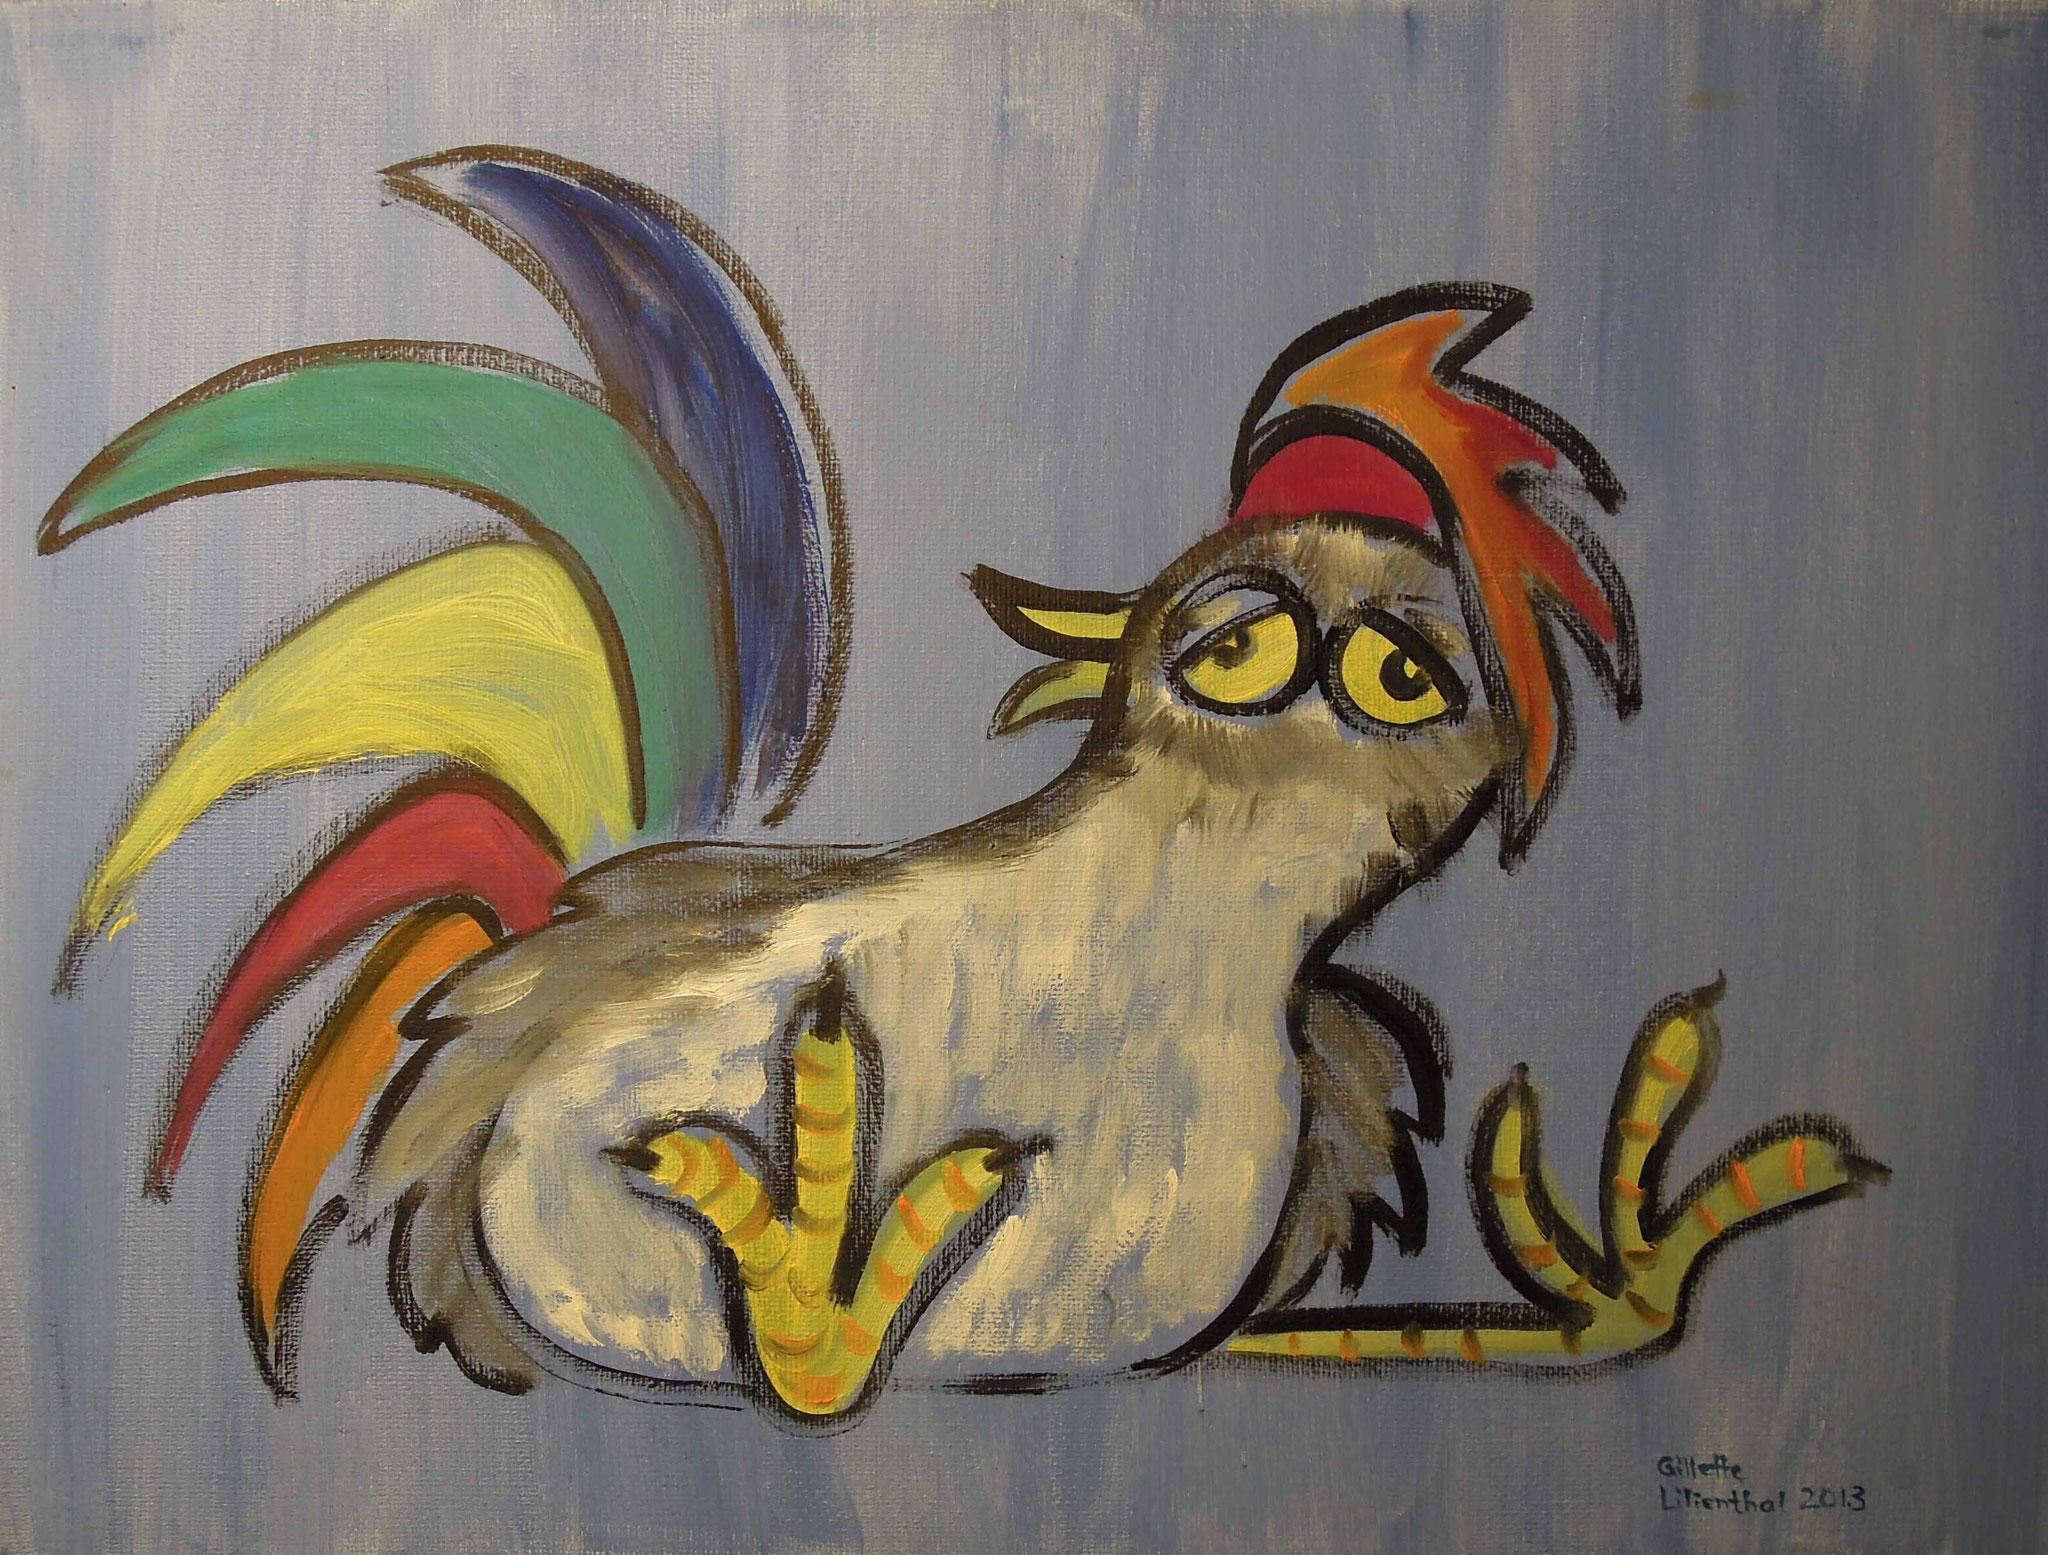 Schräger Vogel der redet wie ihm der Schnabel gewachsen ist - Öl auf Leinwand 40 x 30 cm